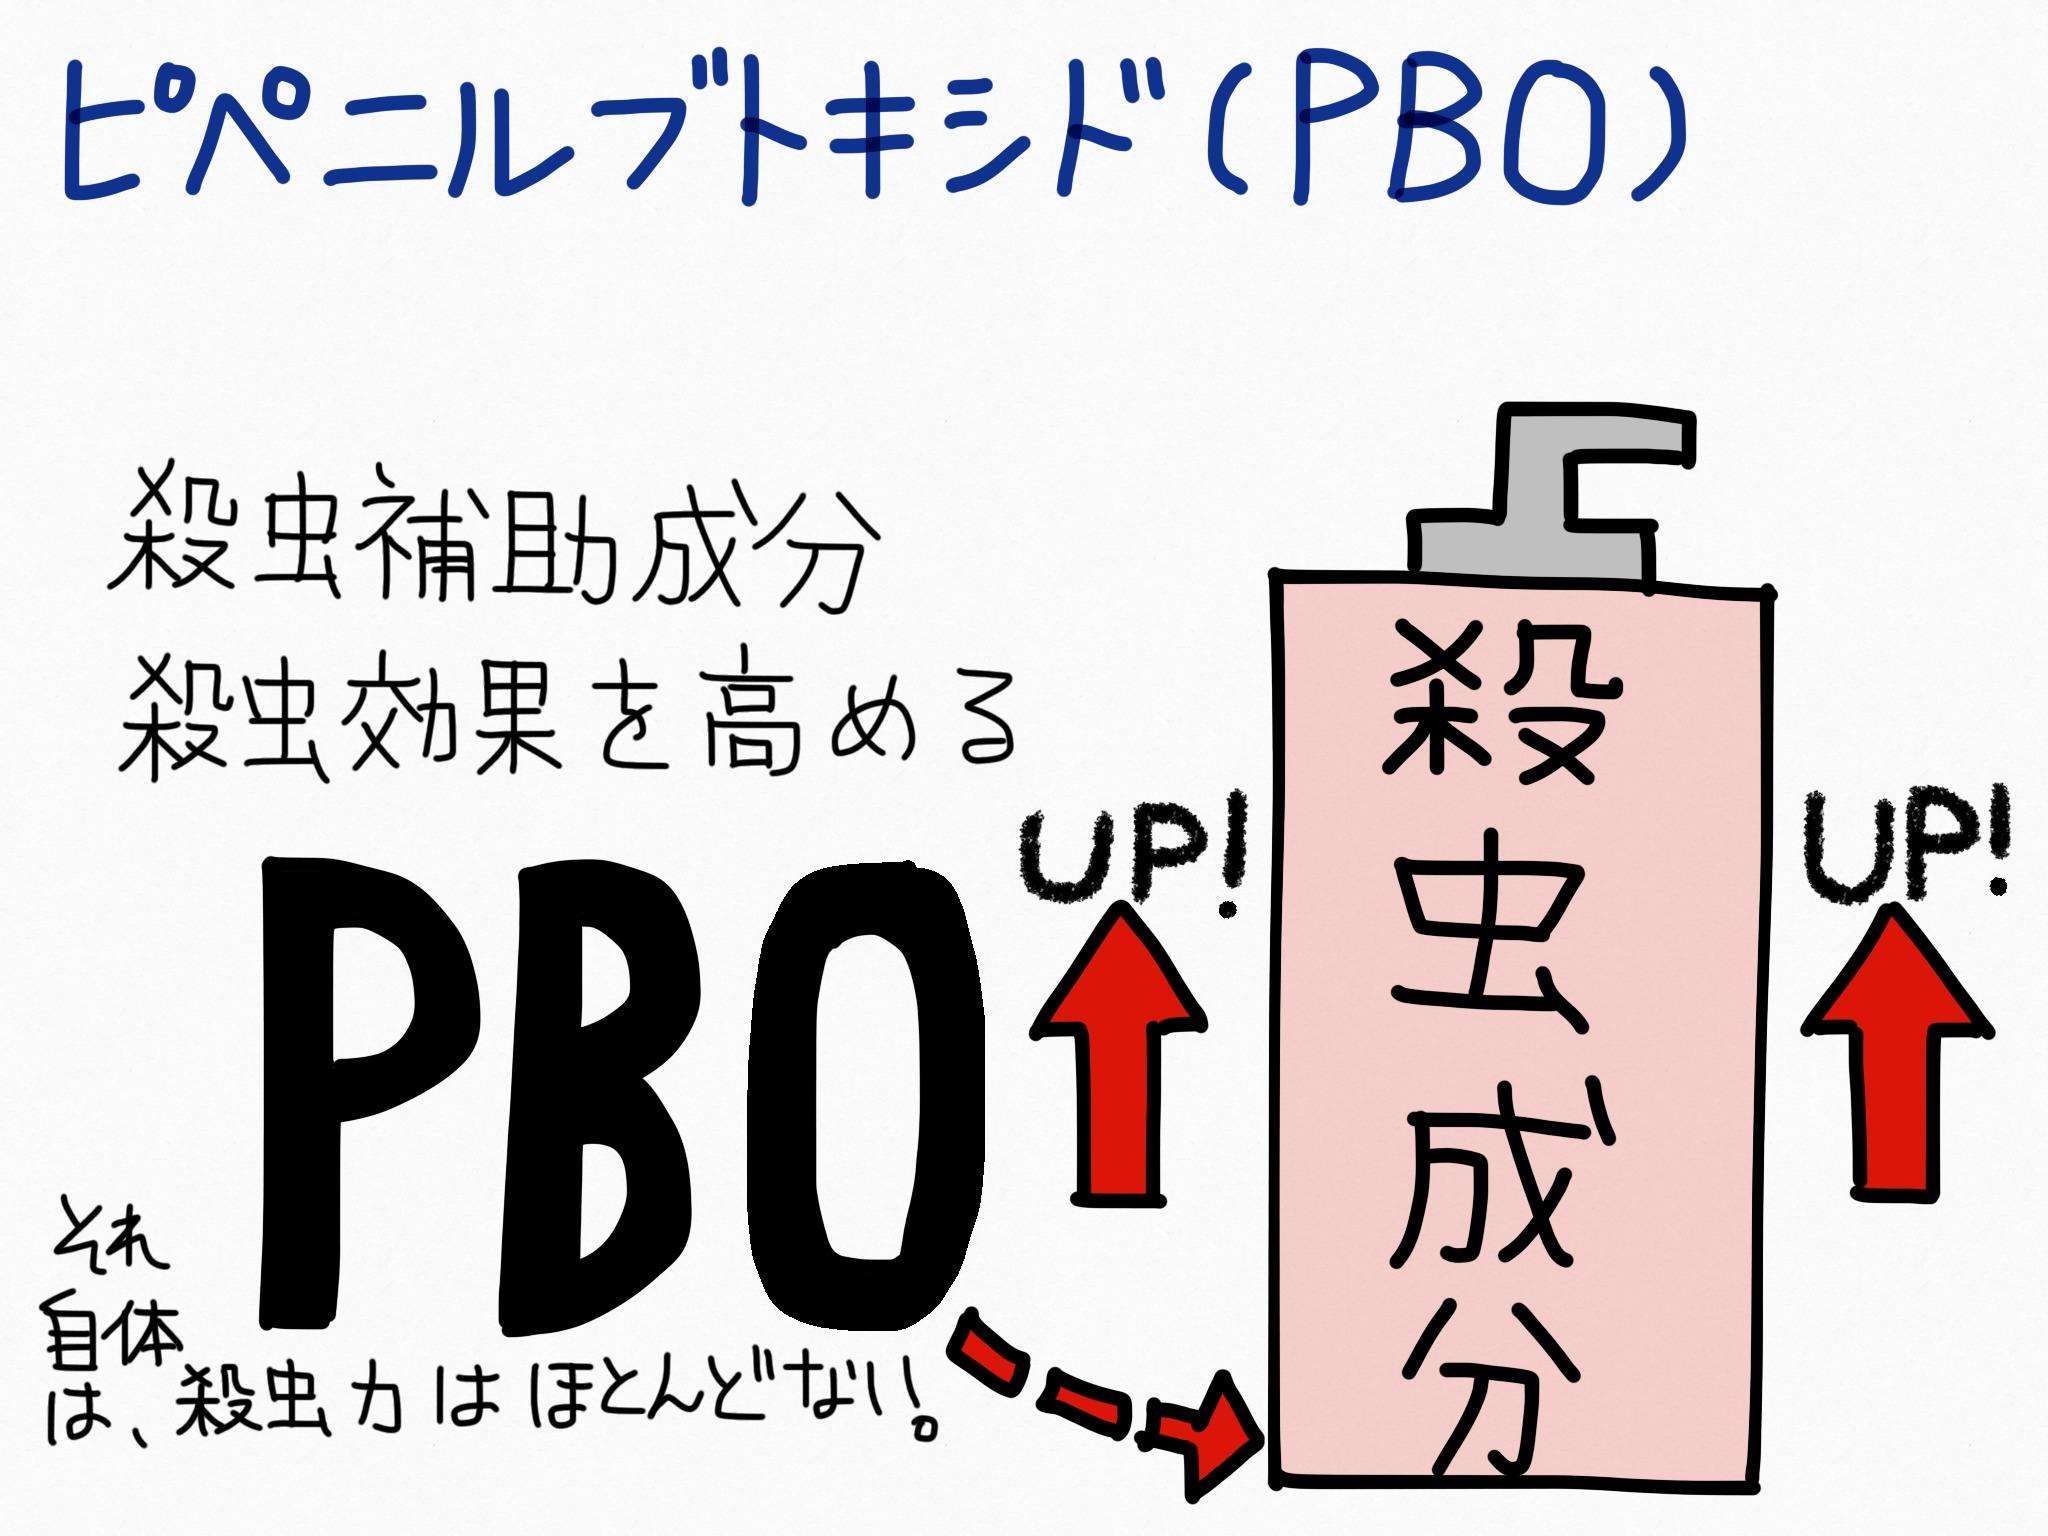 ピペニルブトキシド(PBO)・殺虫剤の成分の覚え方